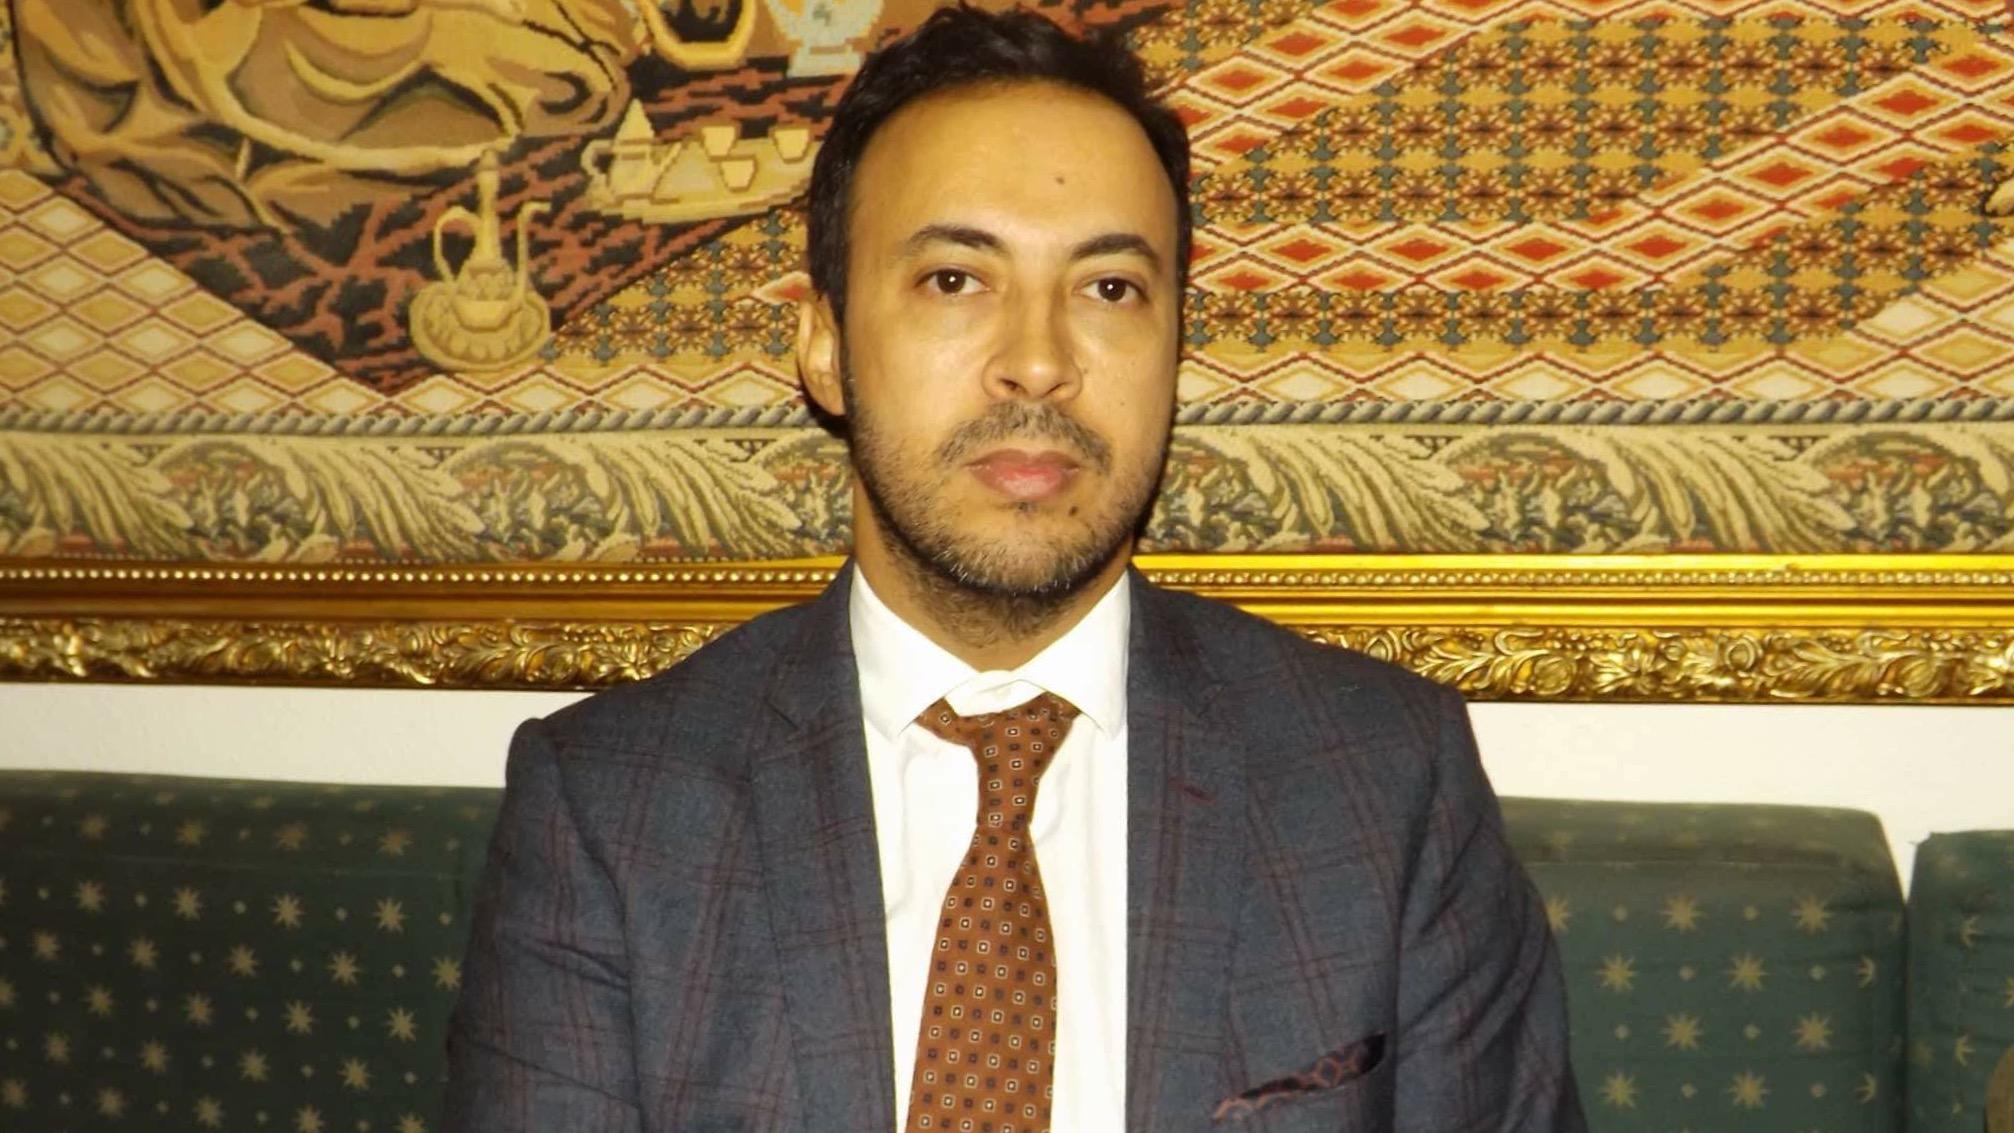 المدير العام لمستشفي التخصصات الطبية بنواذيبو ذ/محمد ولد الشيخ